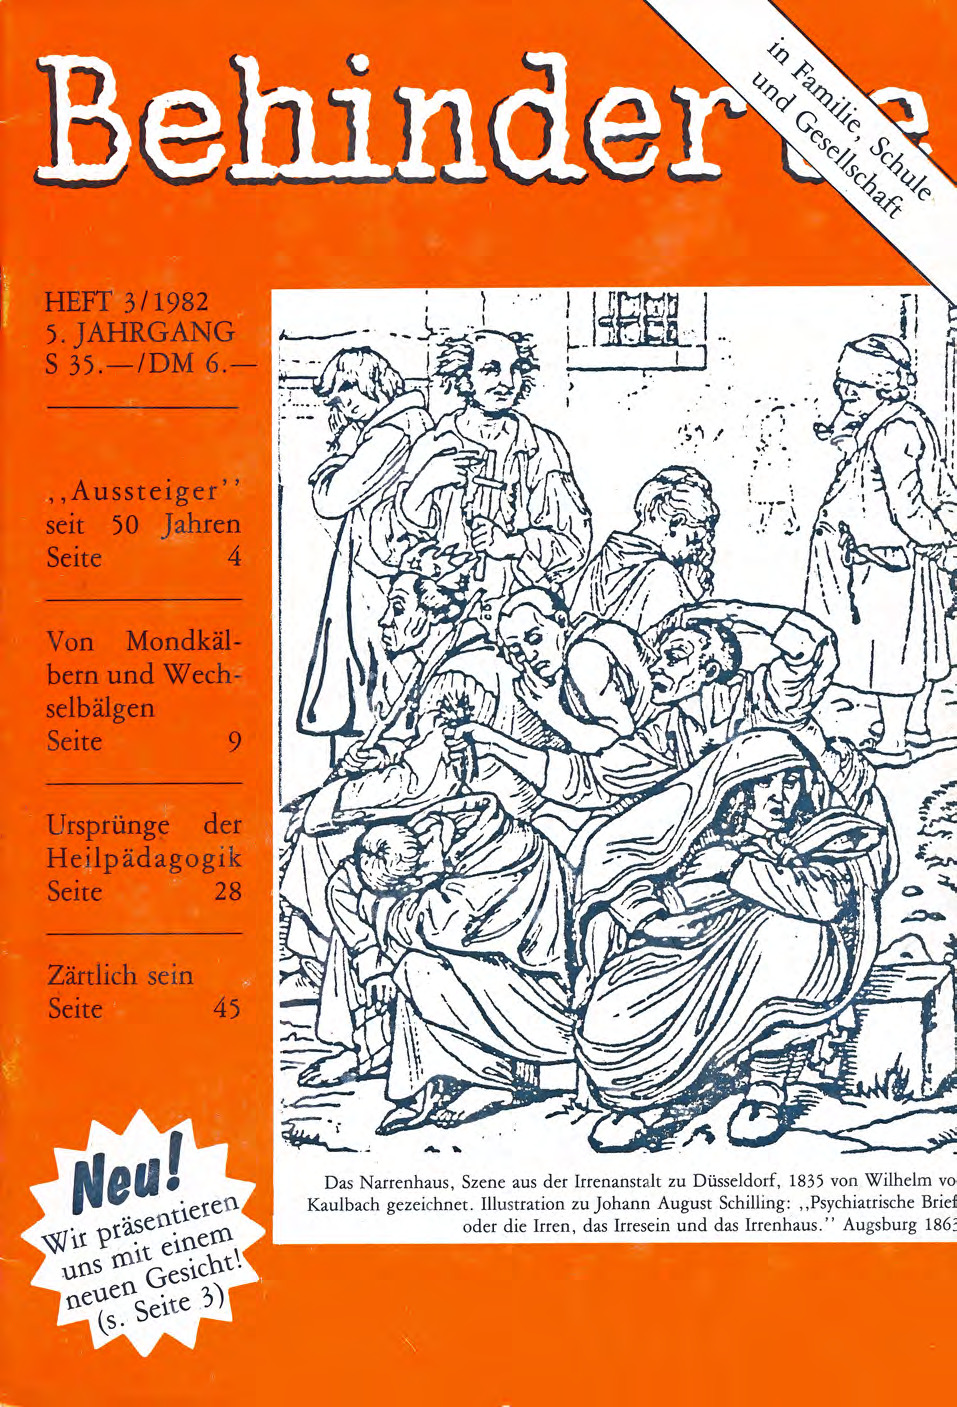 """Titelbild der Zeitschrift BEHINDERTE MENSCHEN, Ausgabe 3/1982 """"Behinderte"""""""